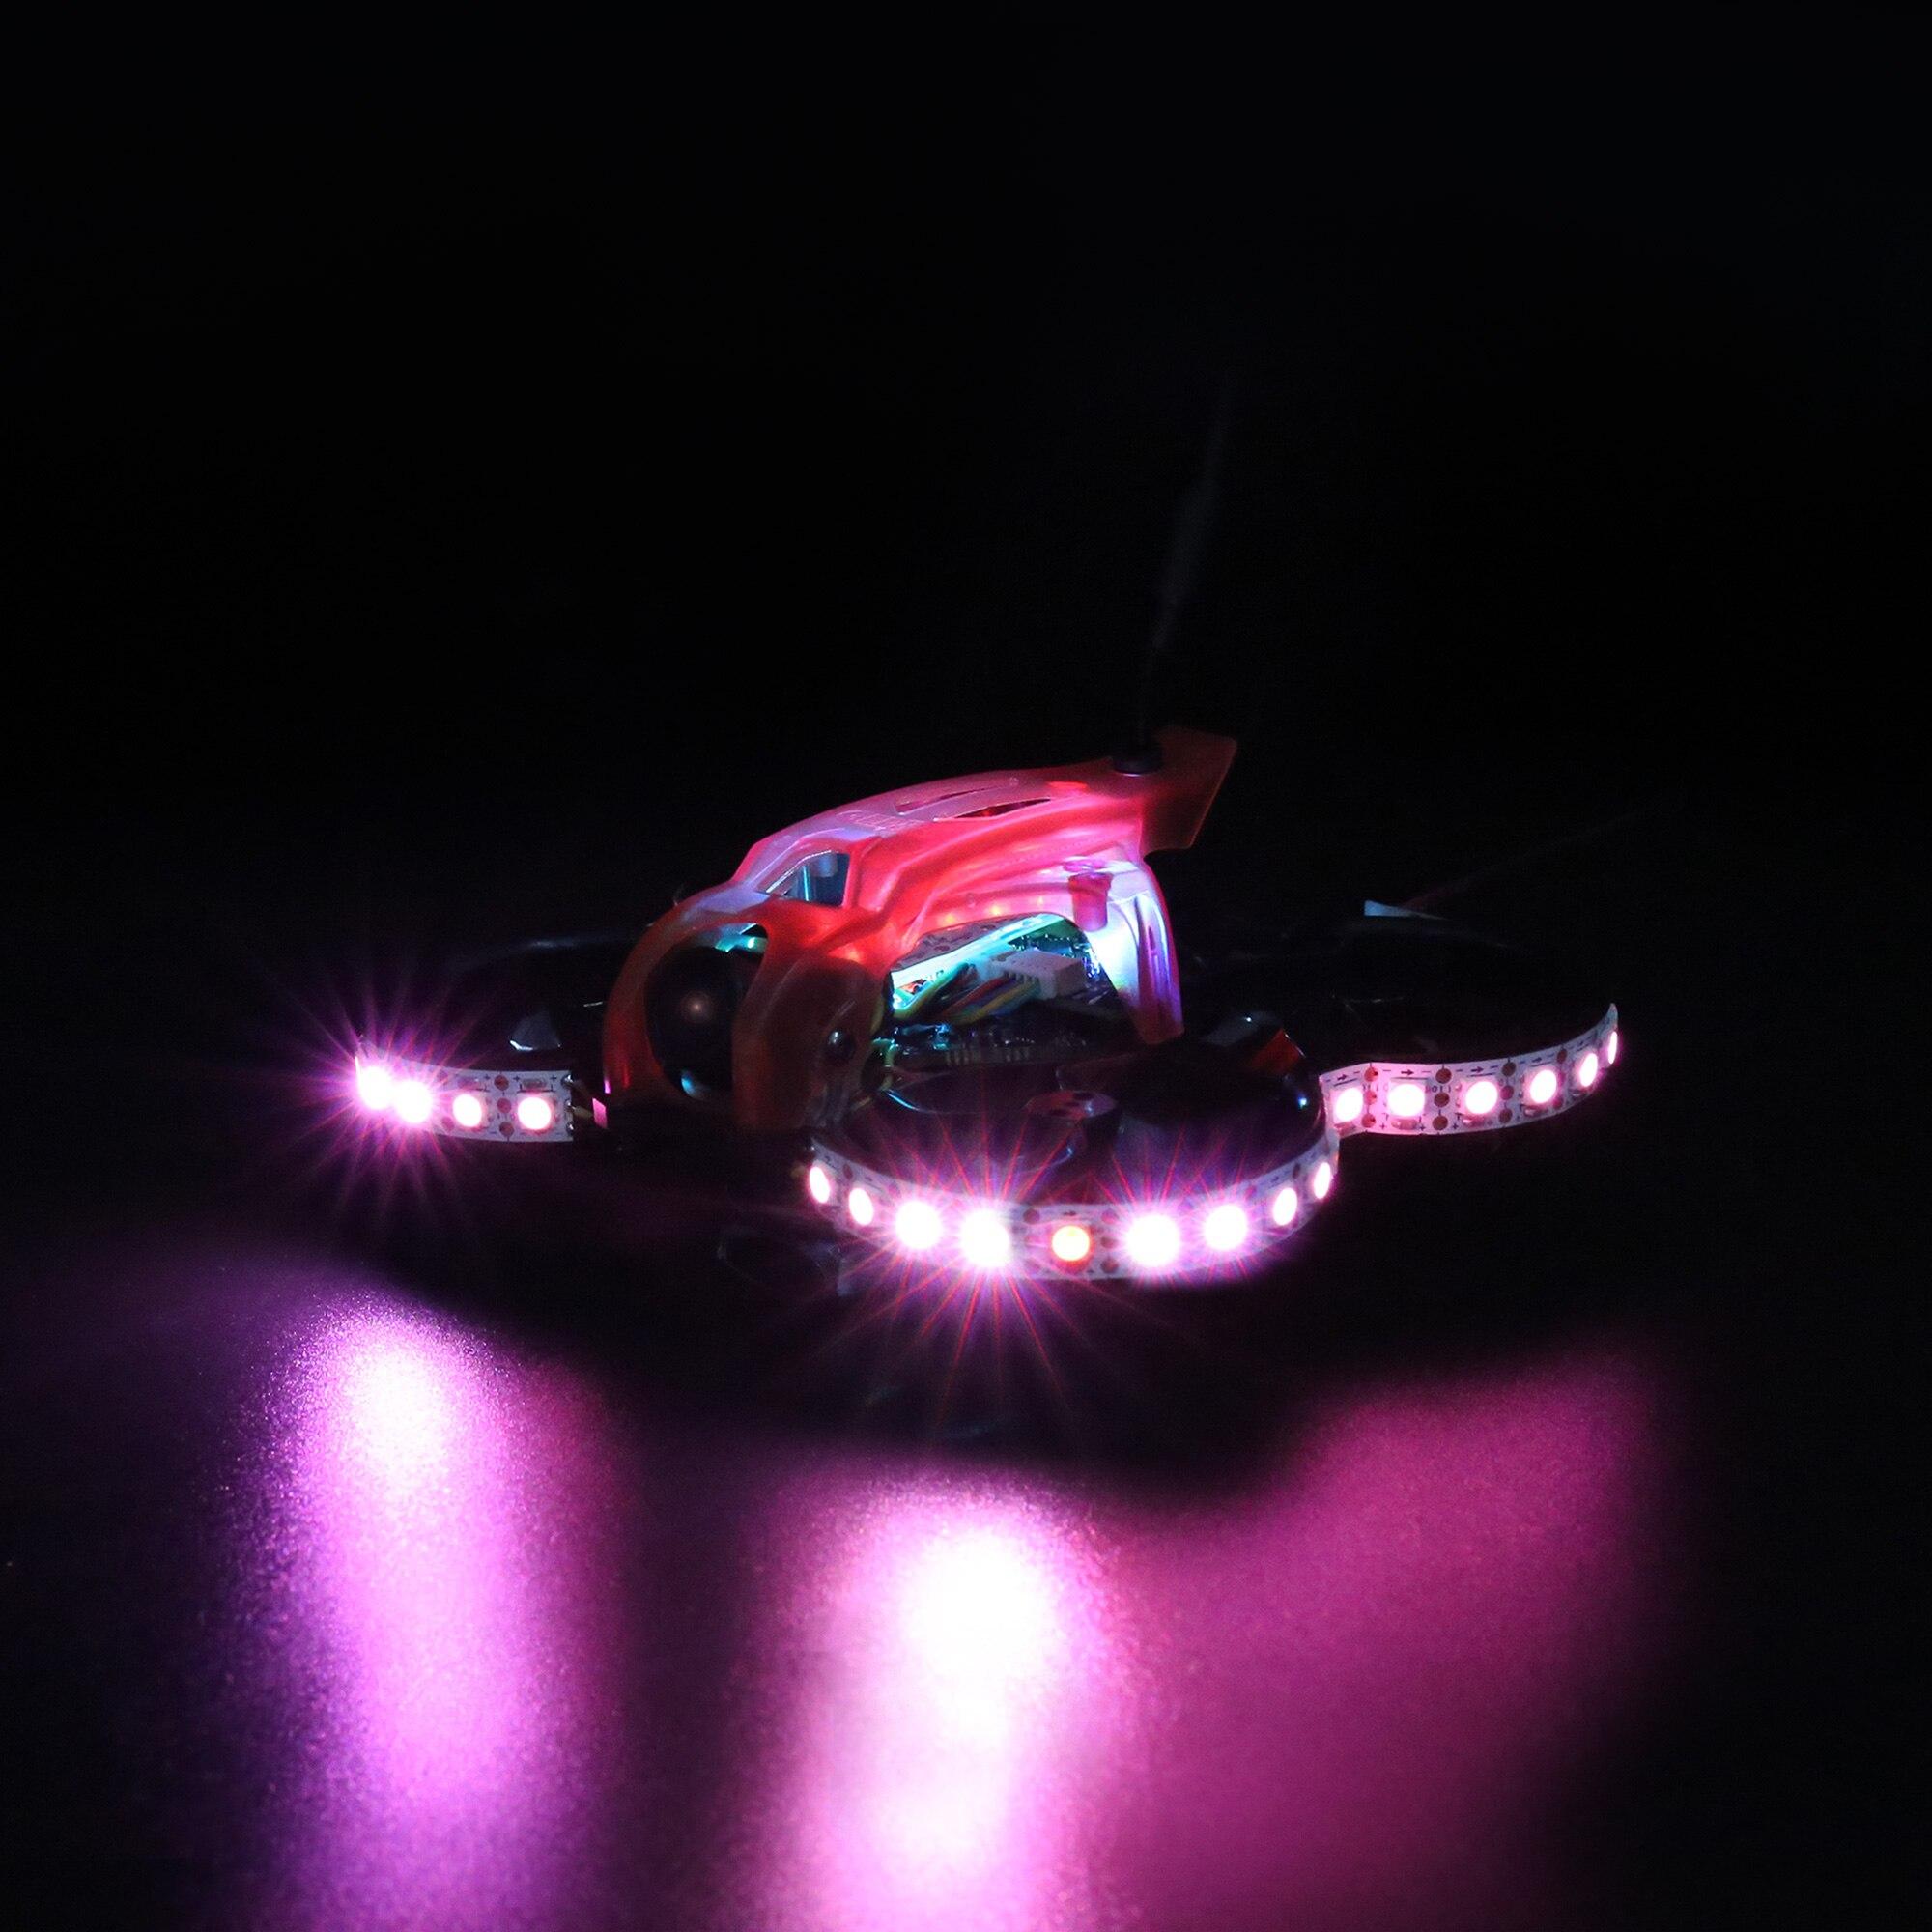 GEPRC TinyGO светодиодный FPV Whoop RTF GEP-12A-F4 200 мВт Runcam Nano2 GR1102 10000KV 79 мм Дрон GR8 пульт дистанционного управления 4,3 дюймов очки